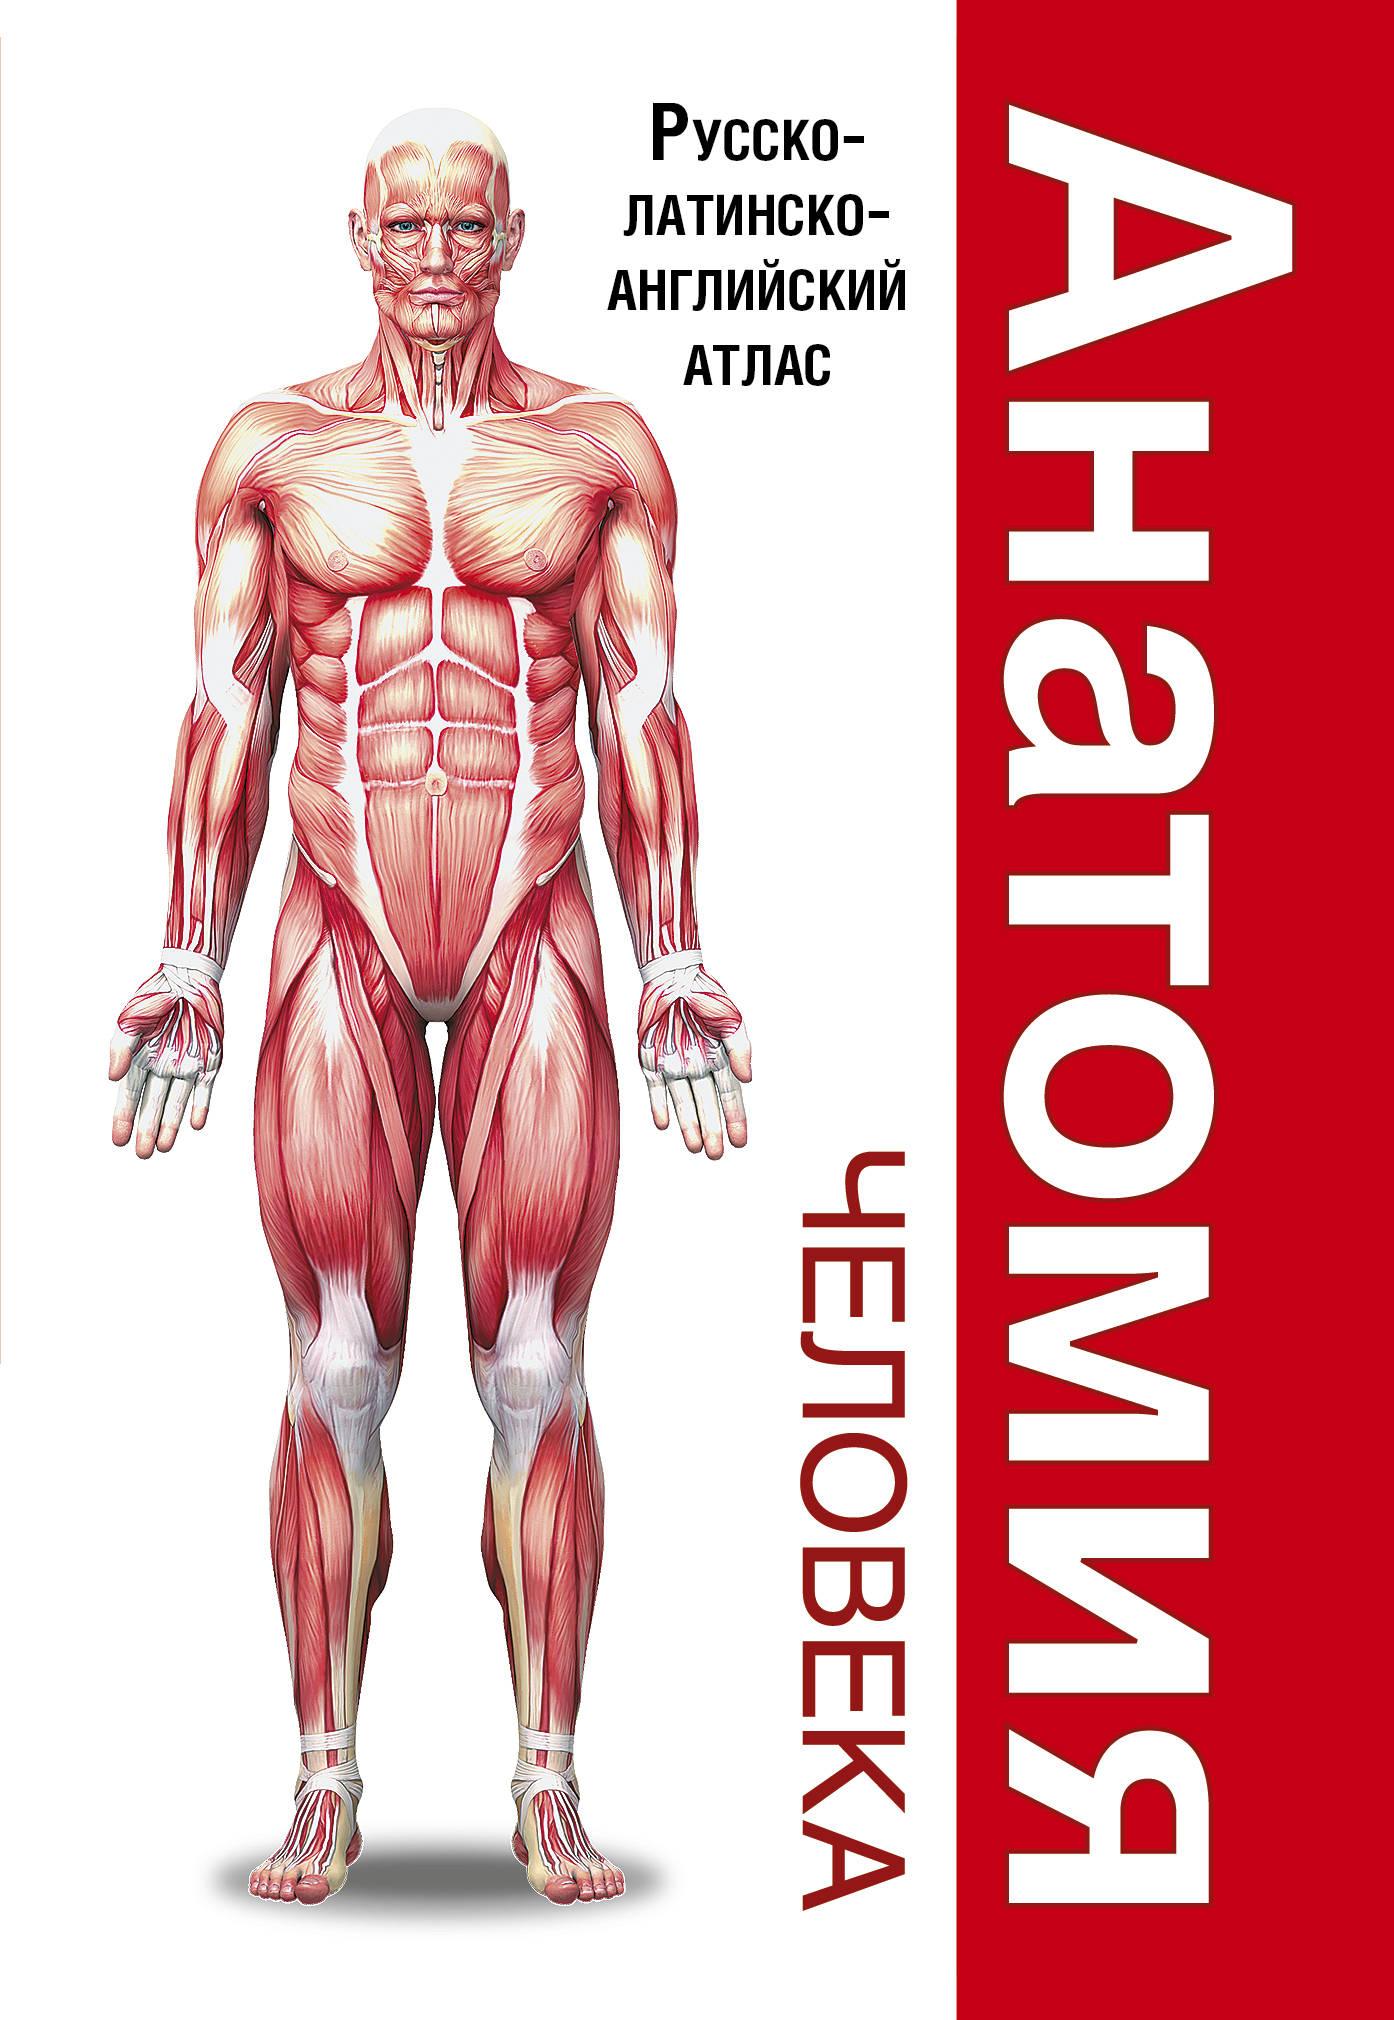 . Анатомия человека. Русско-латинско-английский атлас анатомия человека универсальный справочник